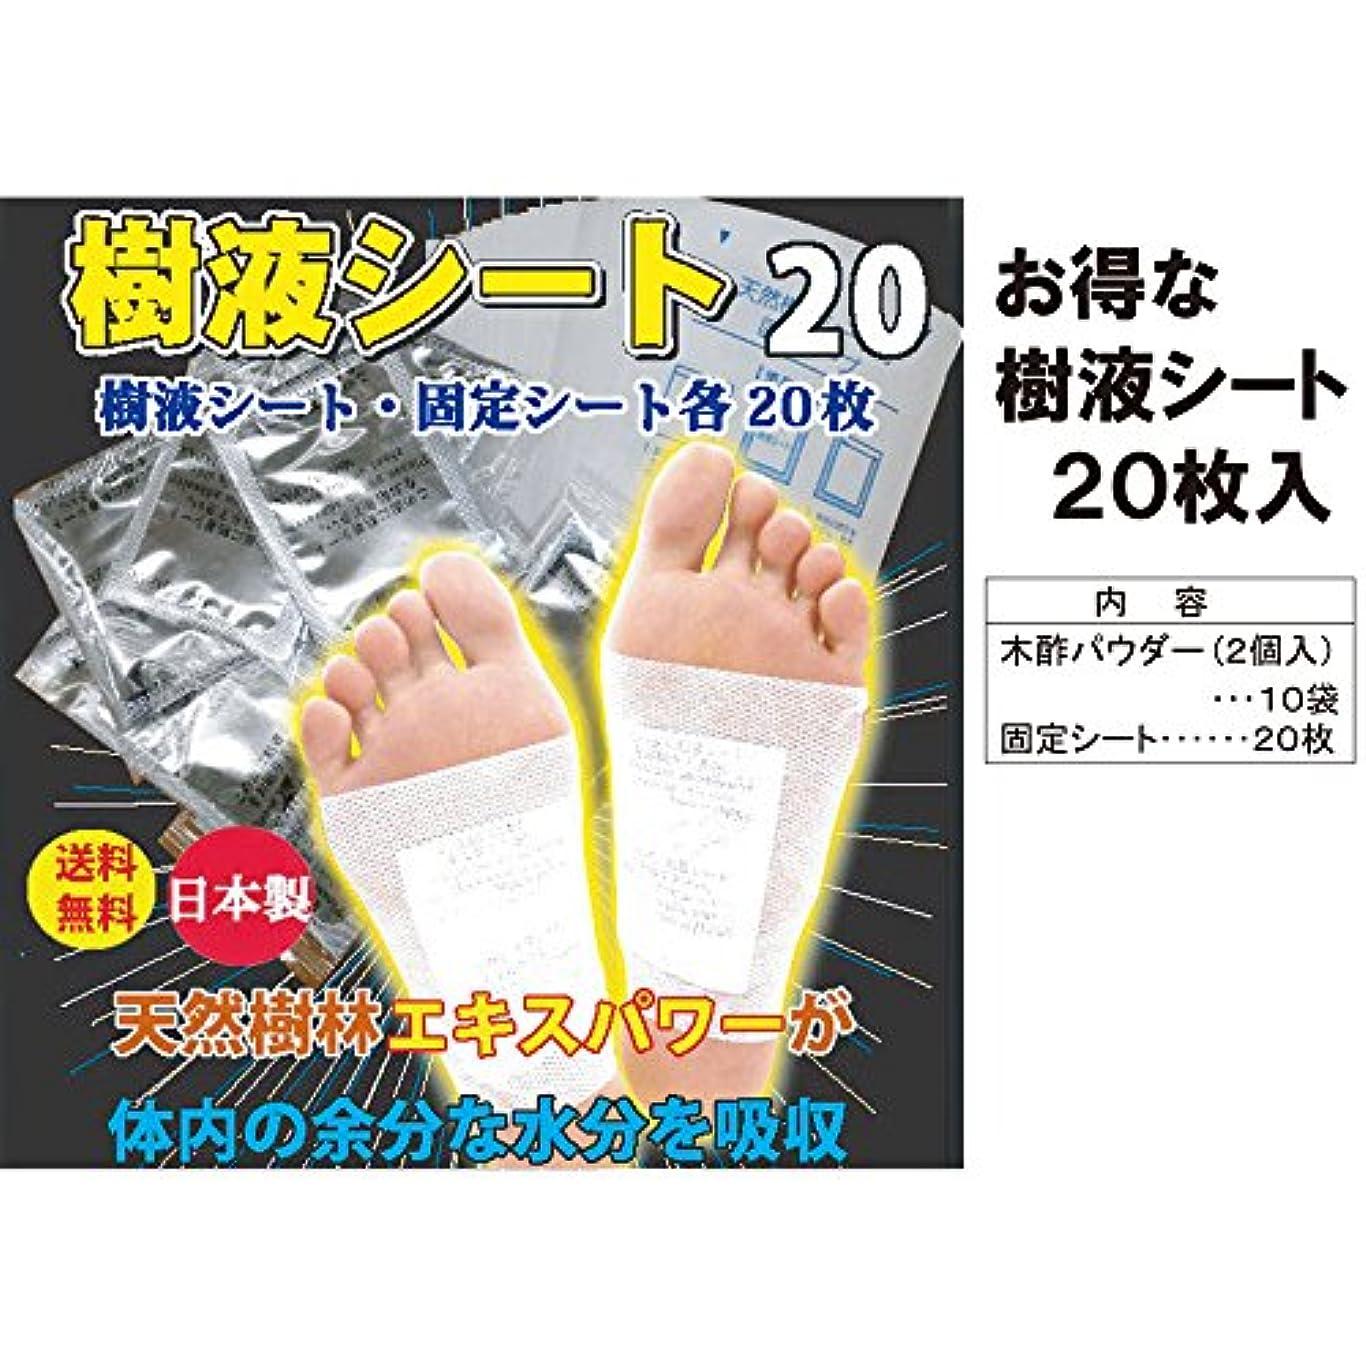 意識ほのか従事したM&Sジャパン 日本製 足裏樹液シート80枚 20枚入り4個セット 足裏 シート お徳用 健康 グッズ 足ツボ